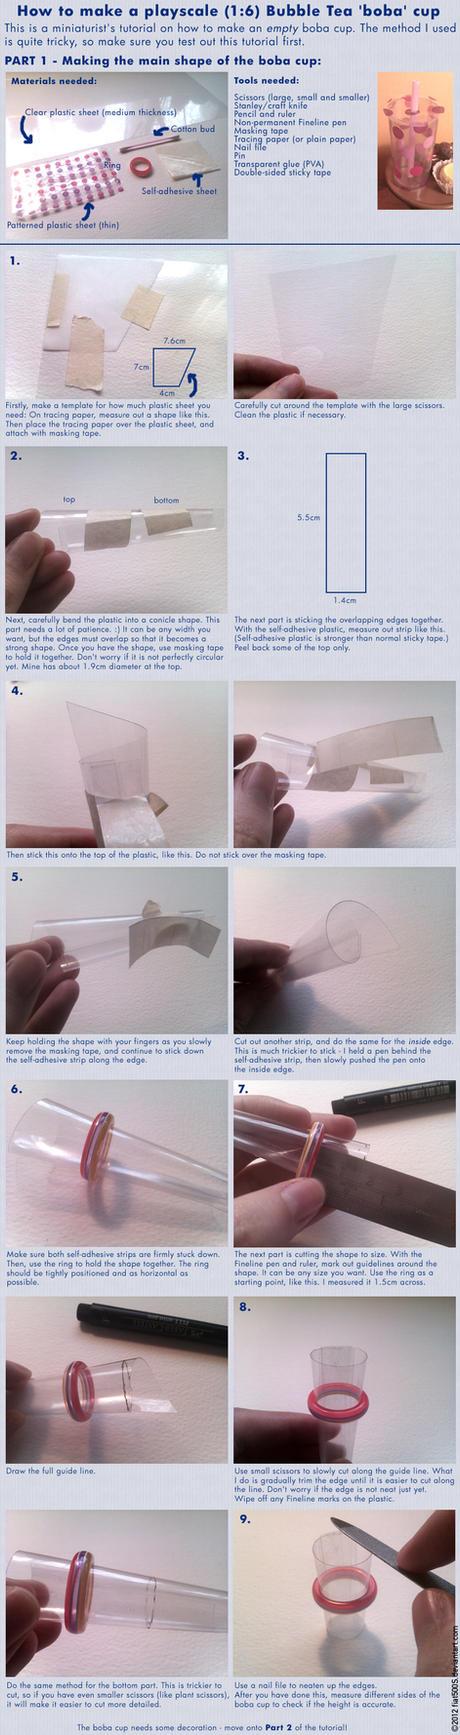 Tutorial: Miniature Bubble Tea boba cup - Part 1 by fiat500S